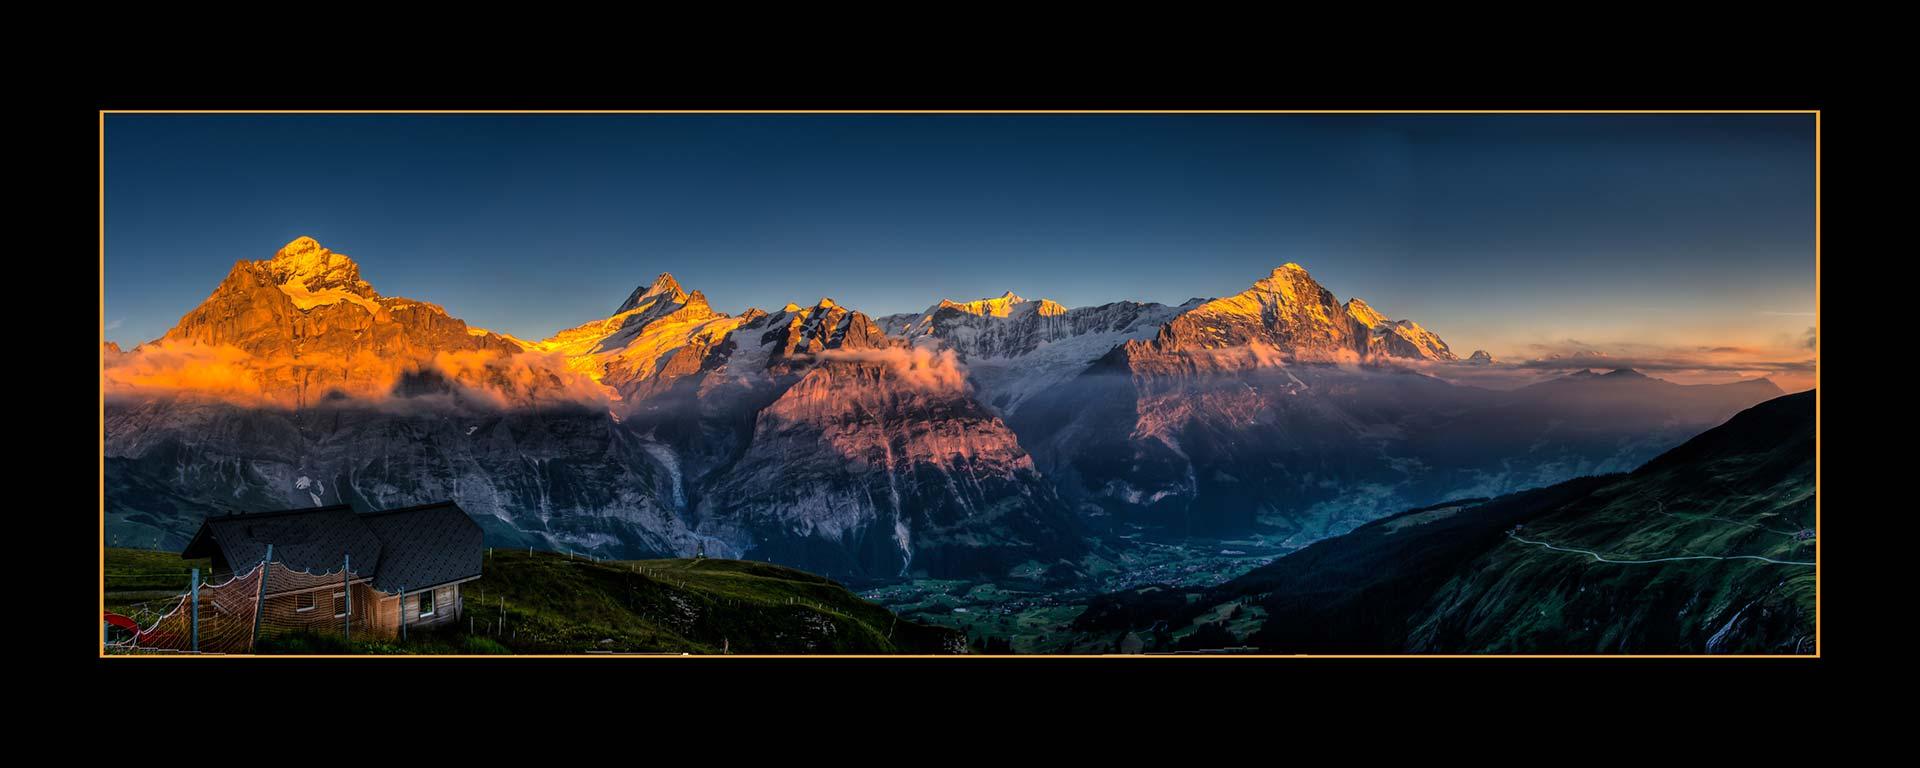 Postkarten - Alpenglühen